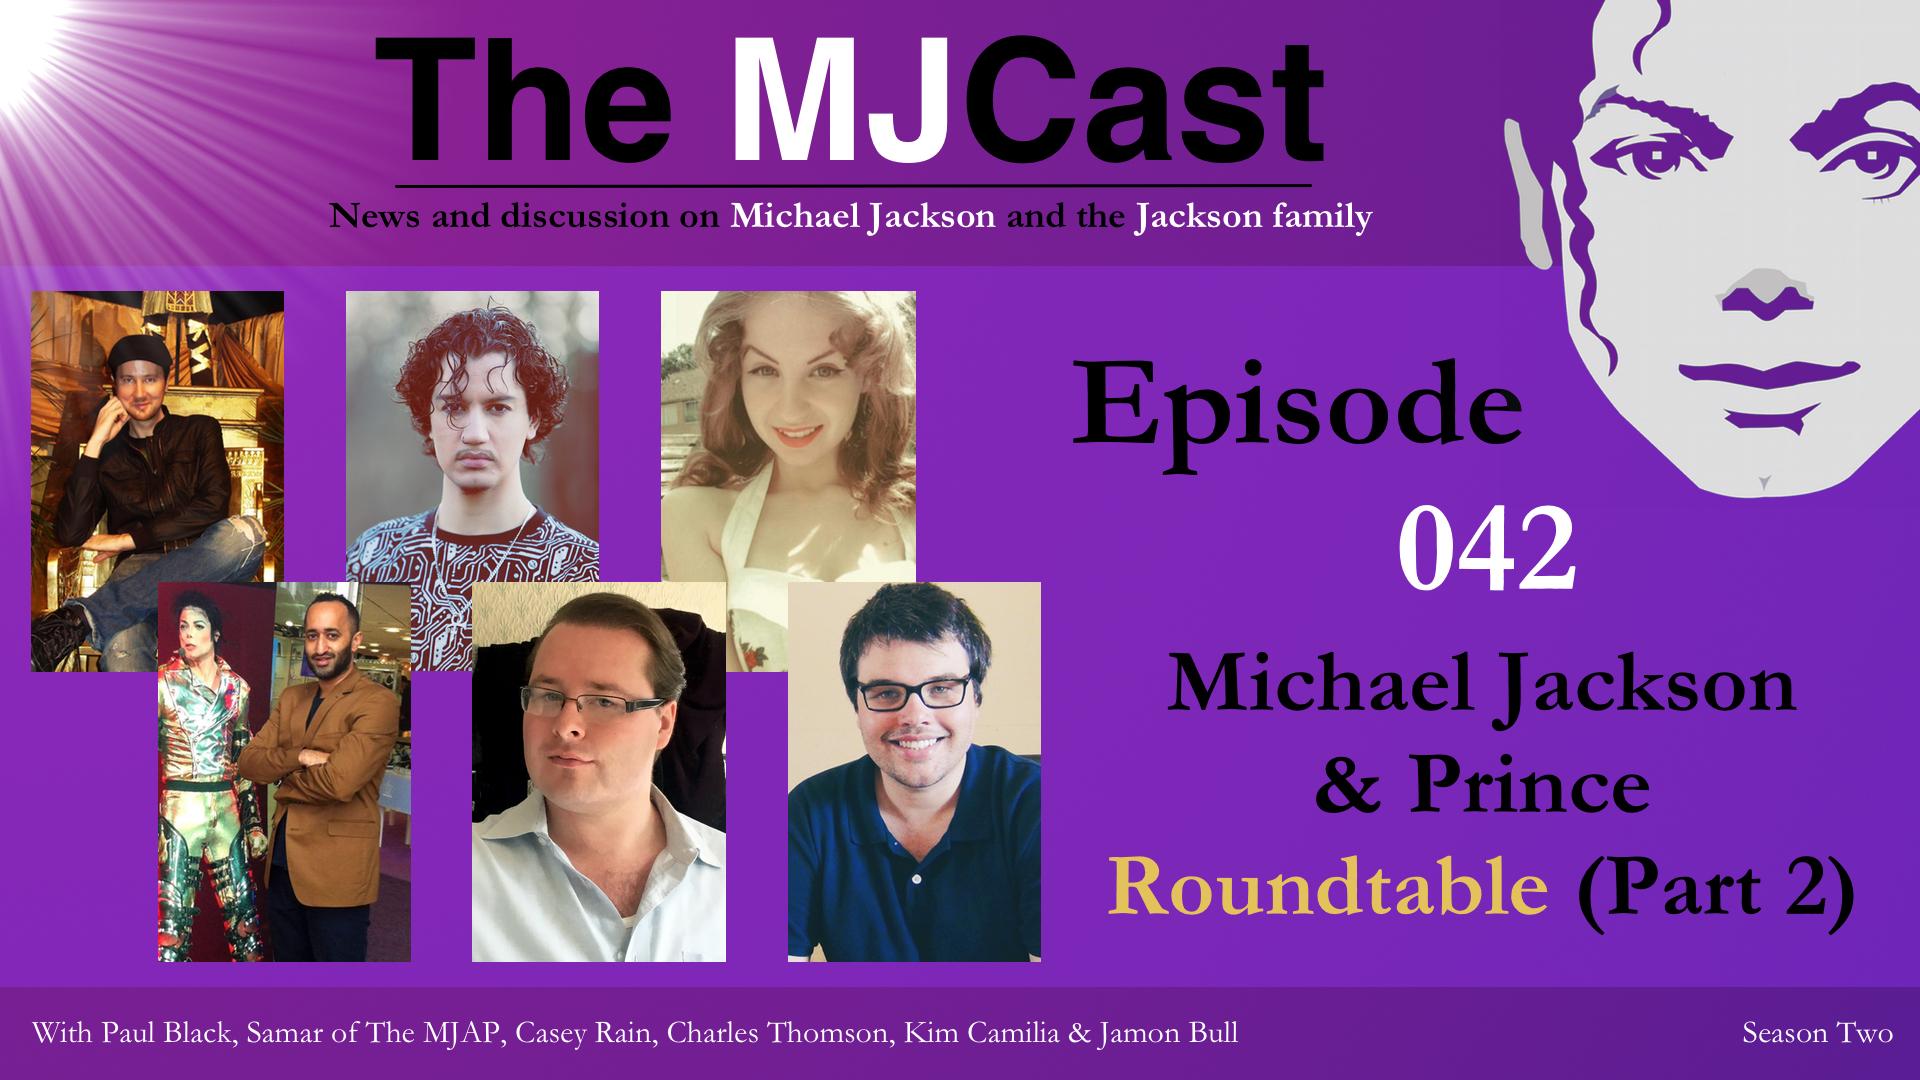 episode-042-michael-jackson-prince-roundtable-part-2-show-art